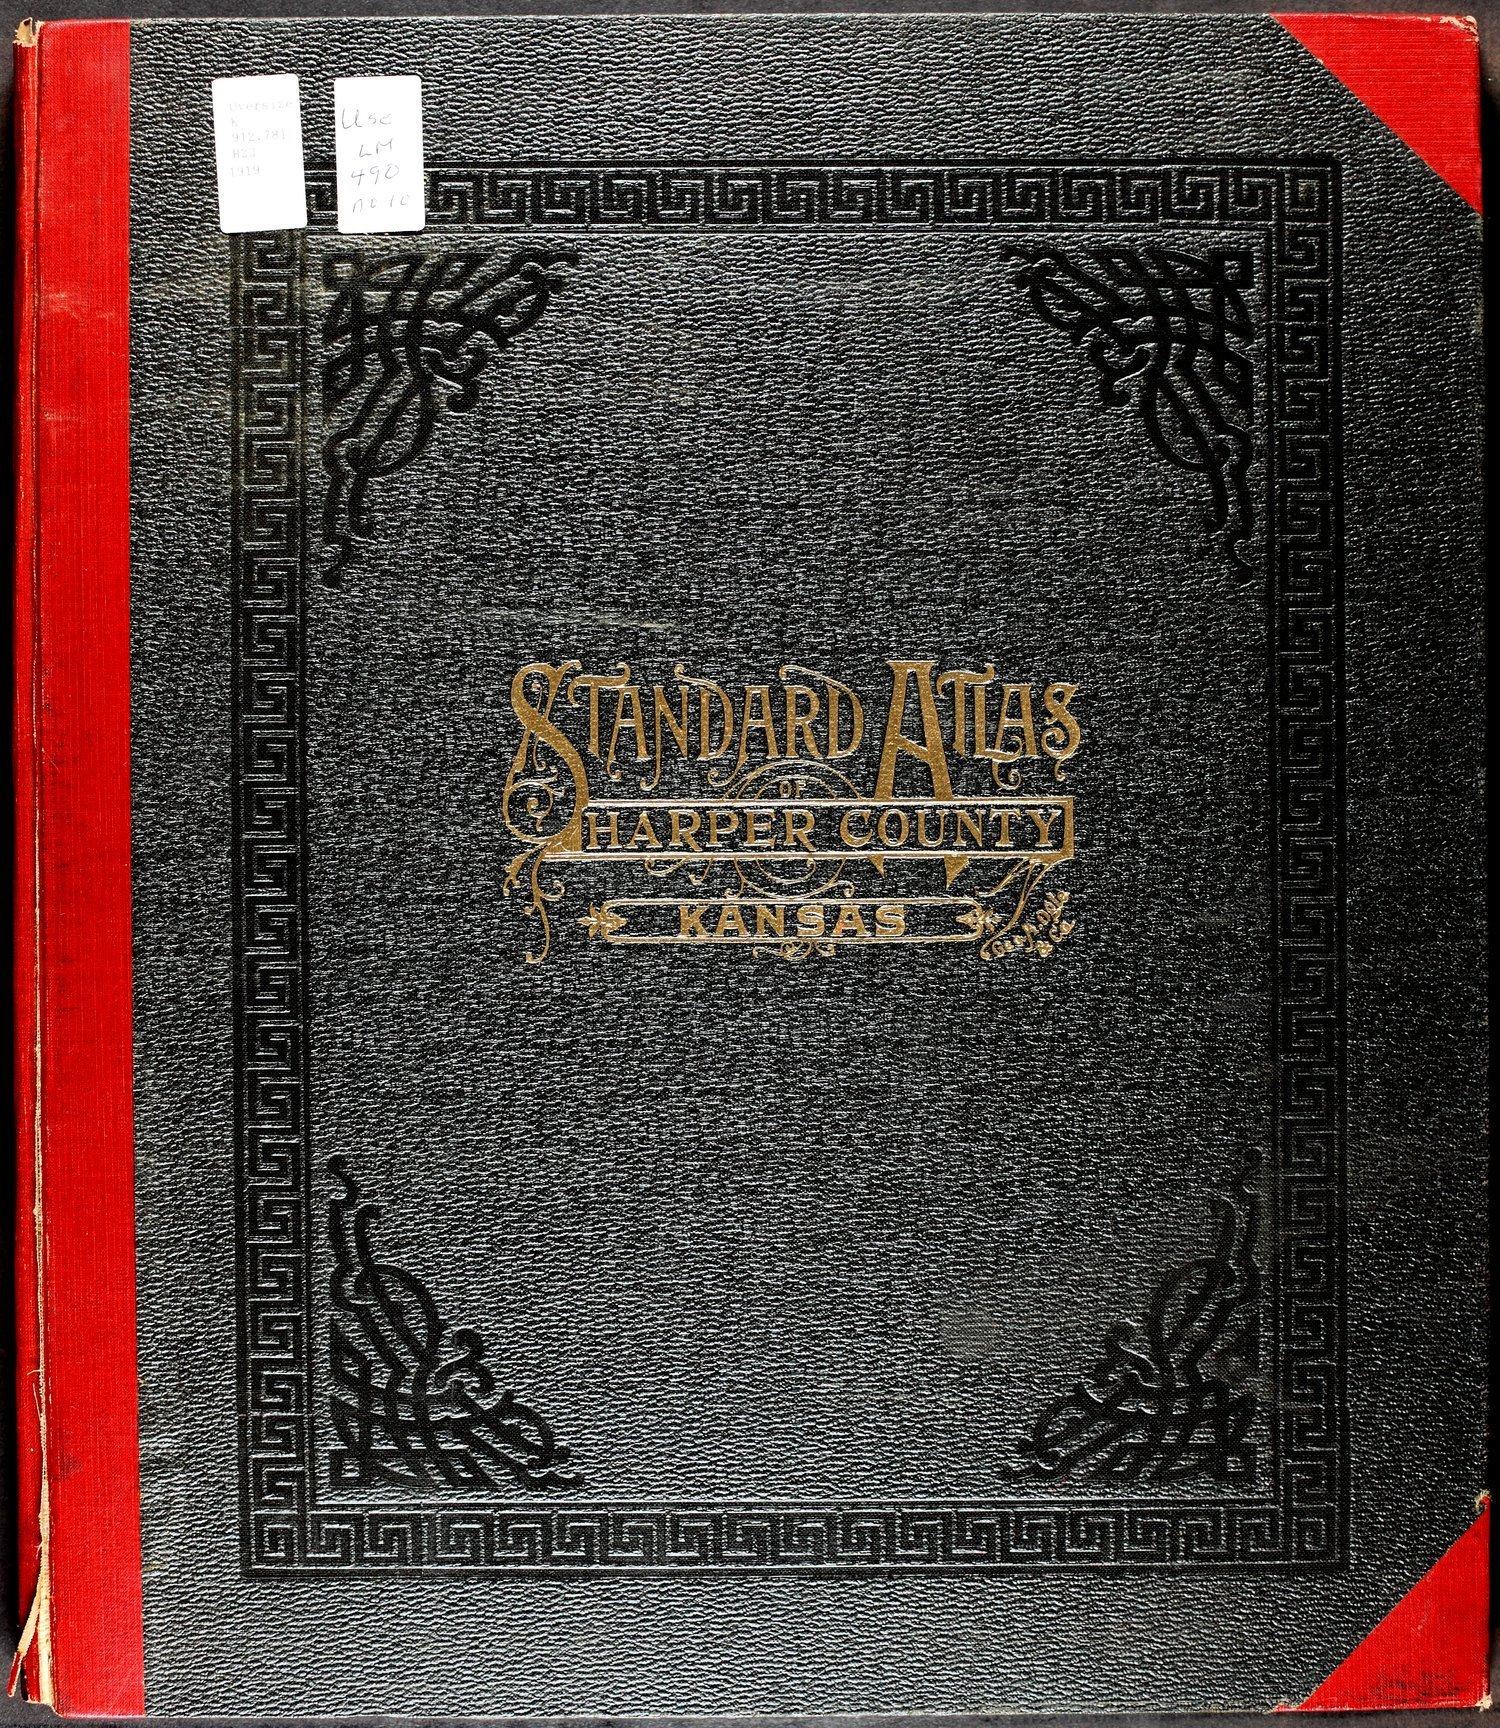 Standard atlas of Harper County, Kansas - Front Cover